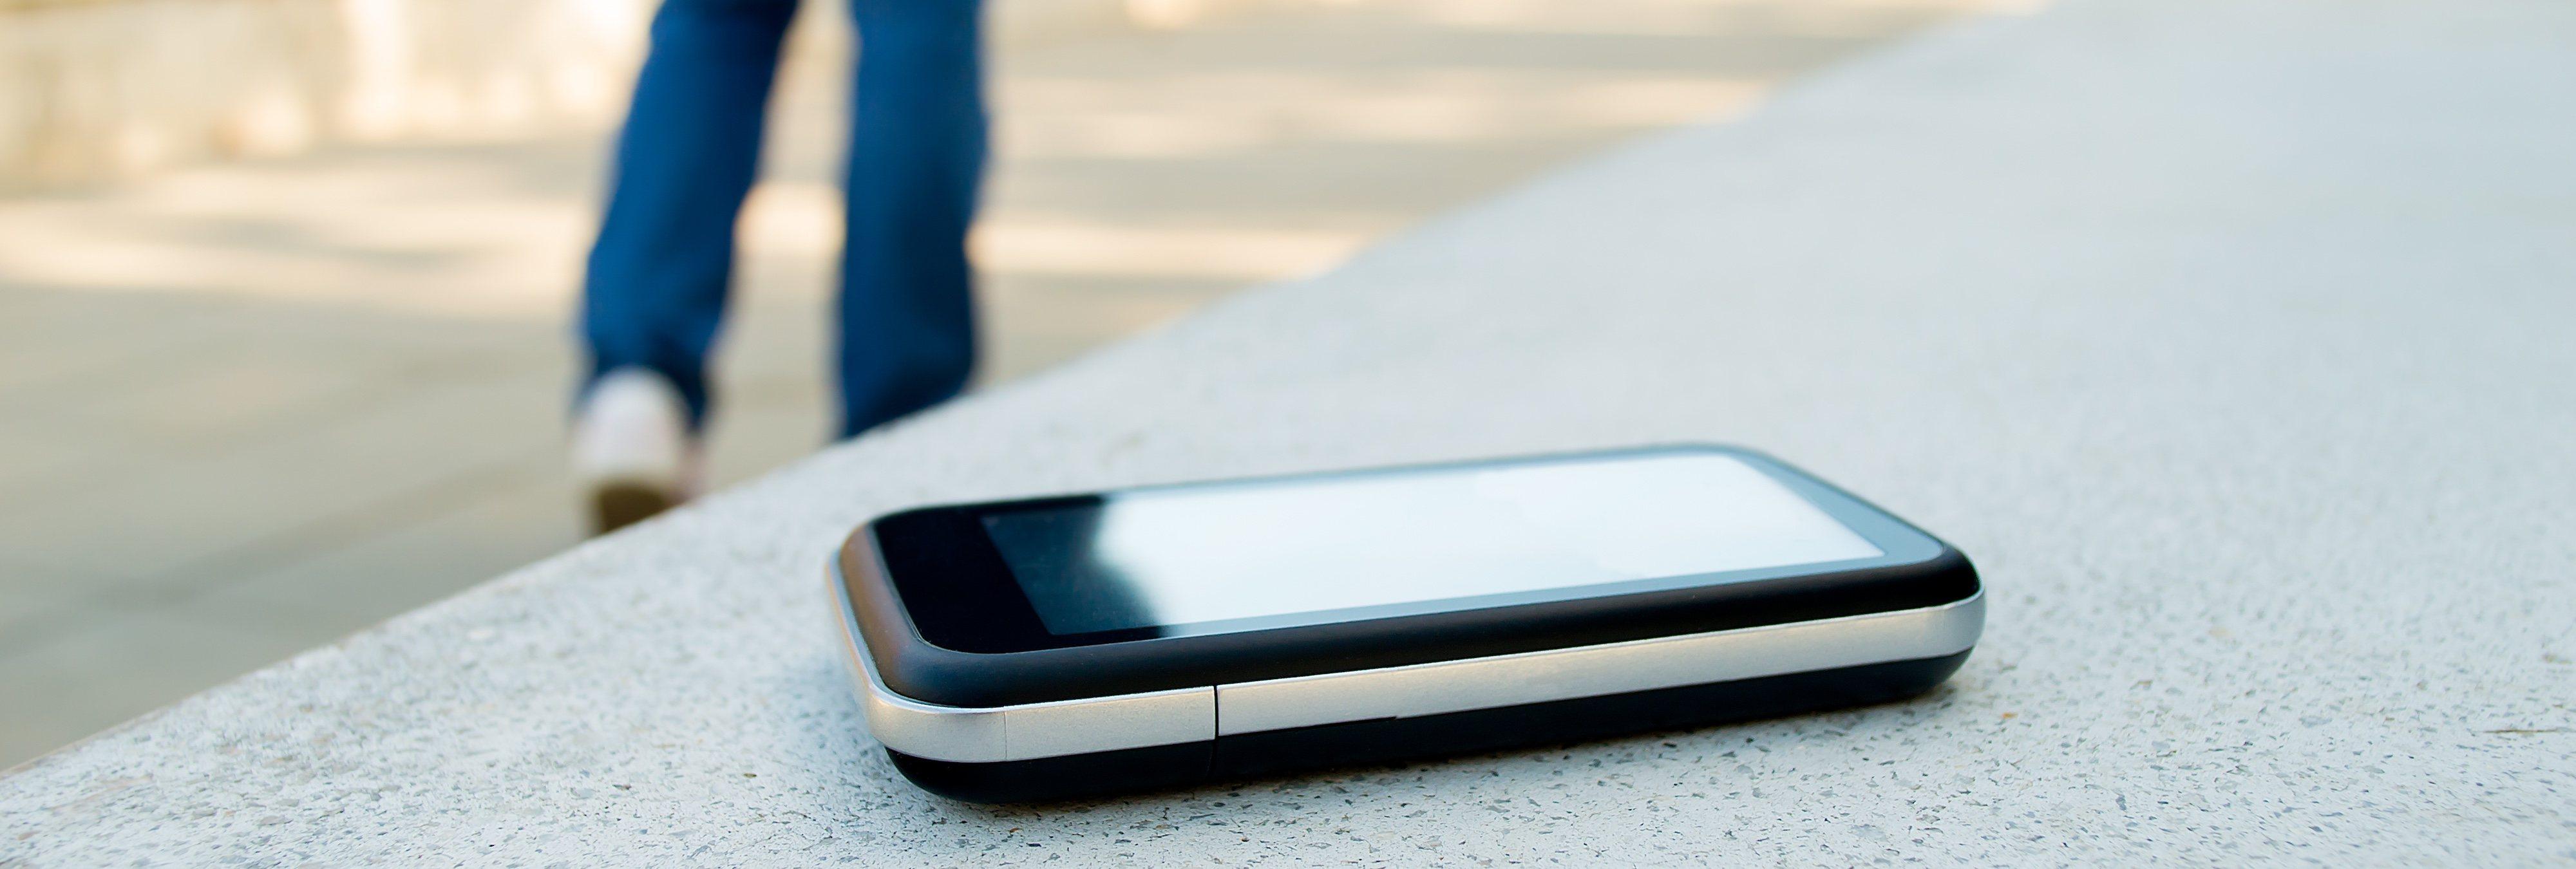 Así puedes encontrar tu móvil cuando lo pierdes estando en modo silencio